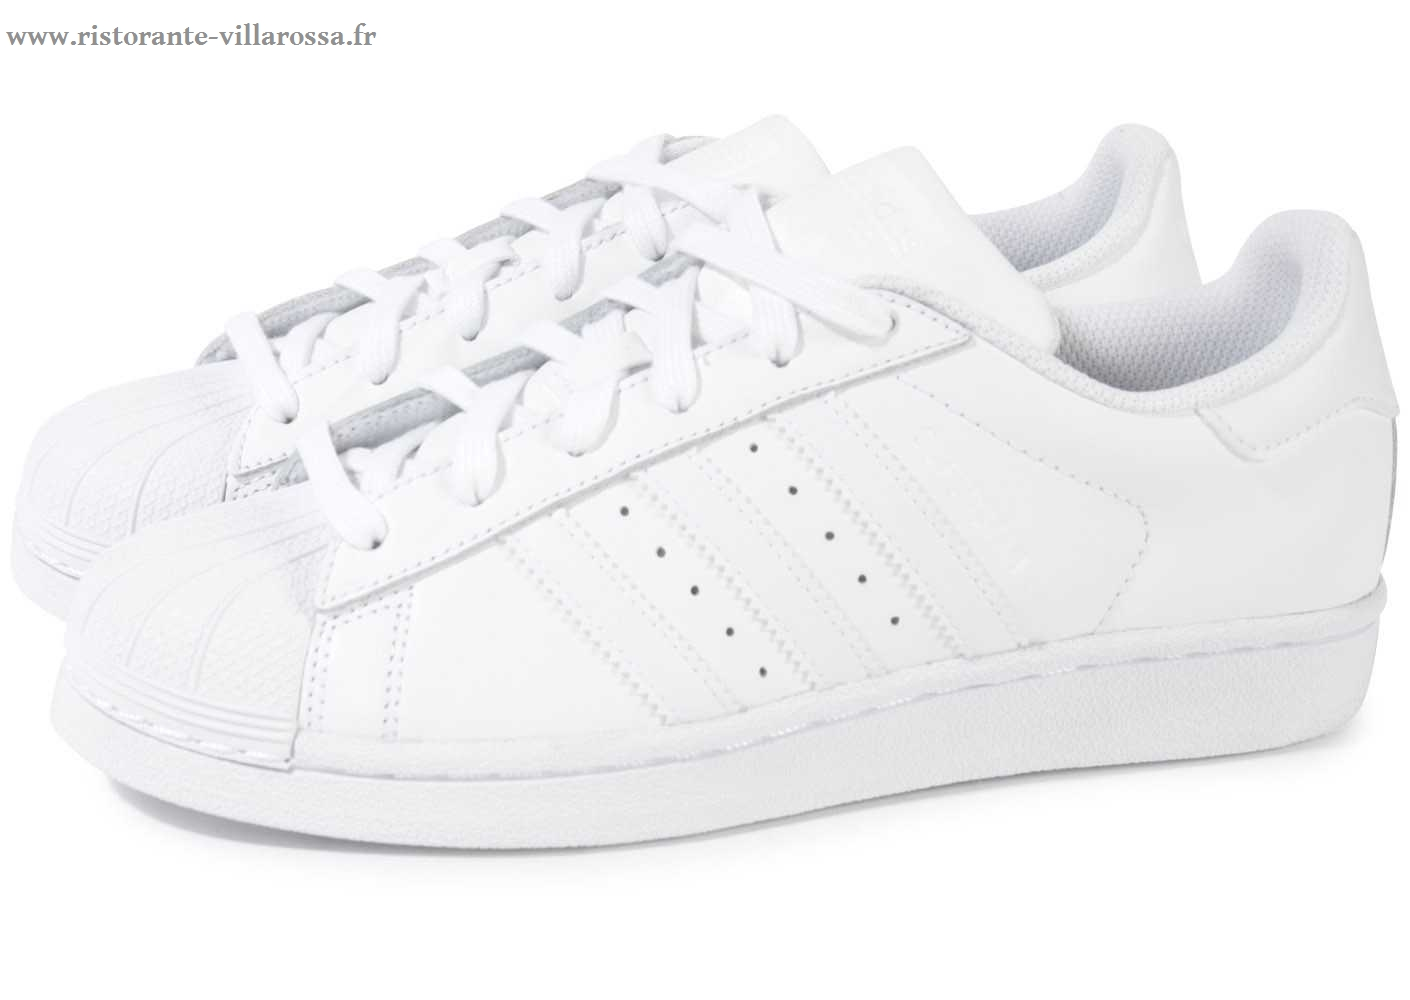 adidas superstar blanche femme